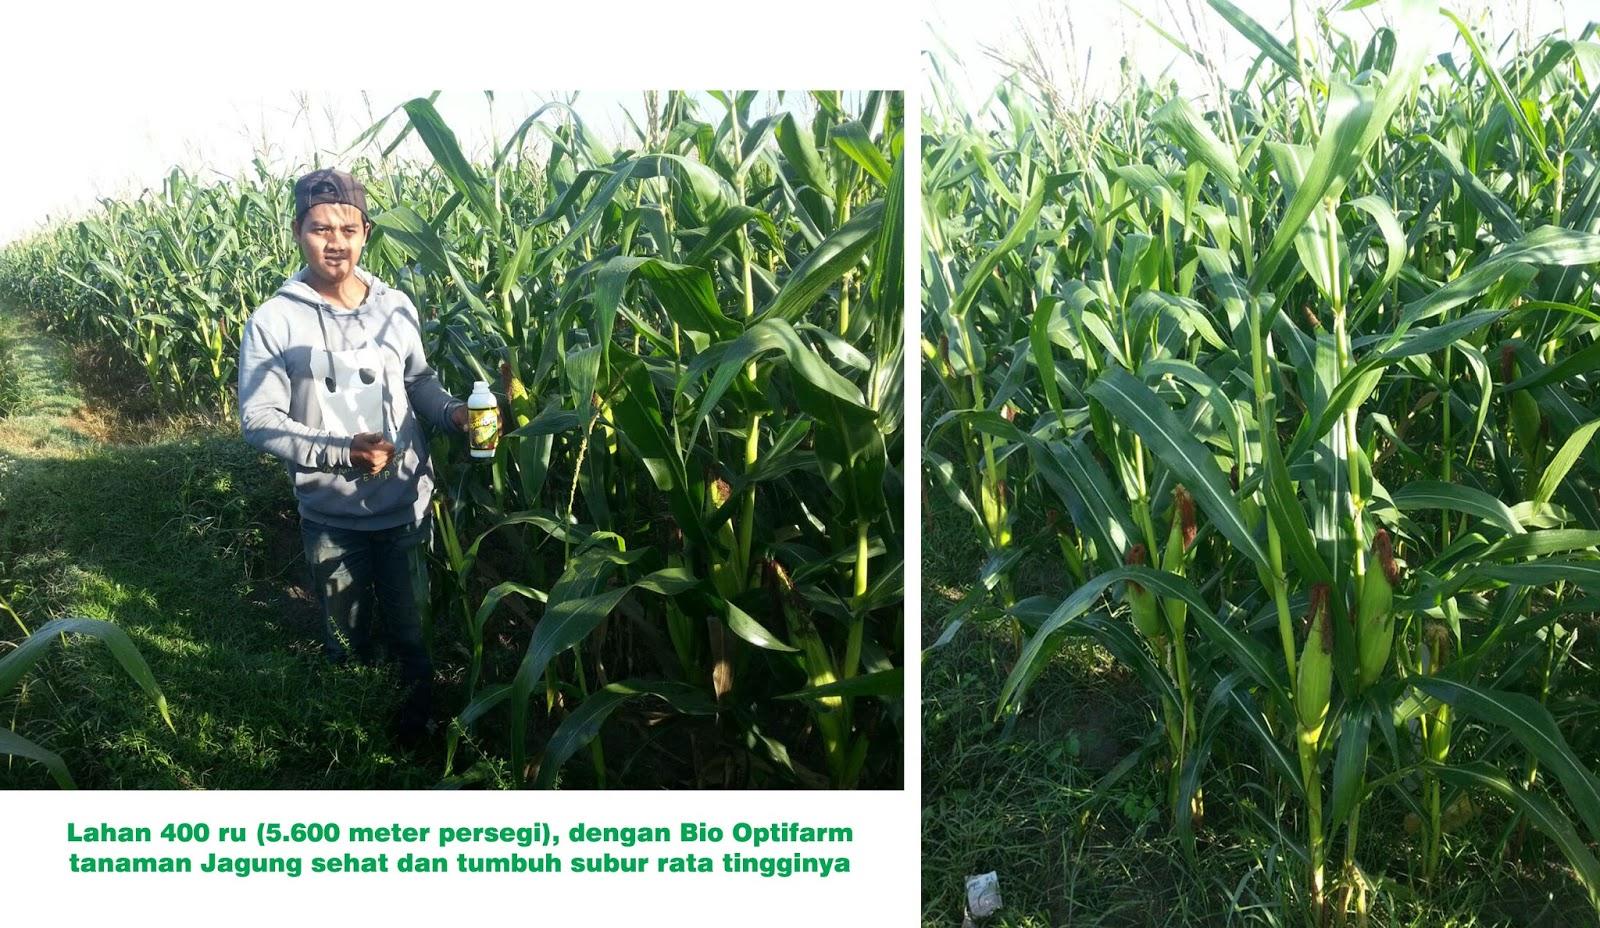 Bio Optifarm optimalkan pertumbuhan jagung walaupun pupuk dasar dikurangi